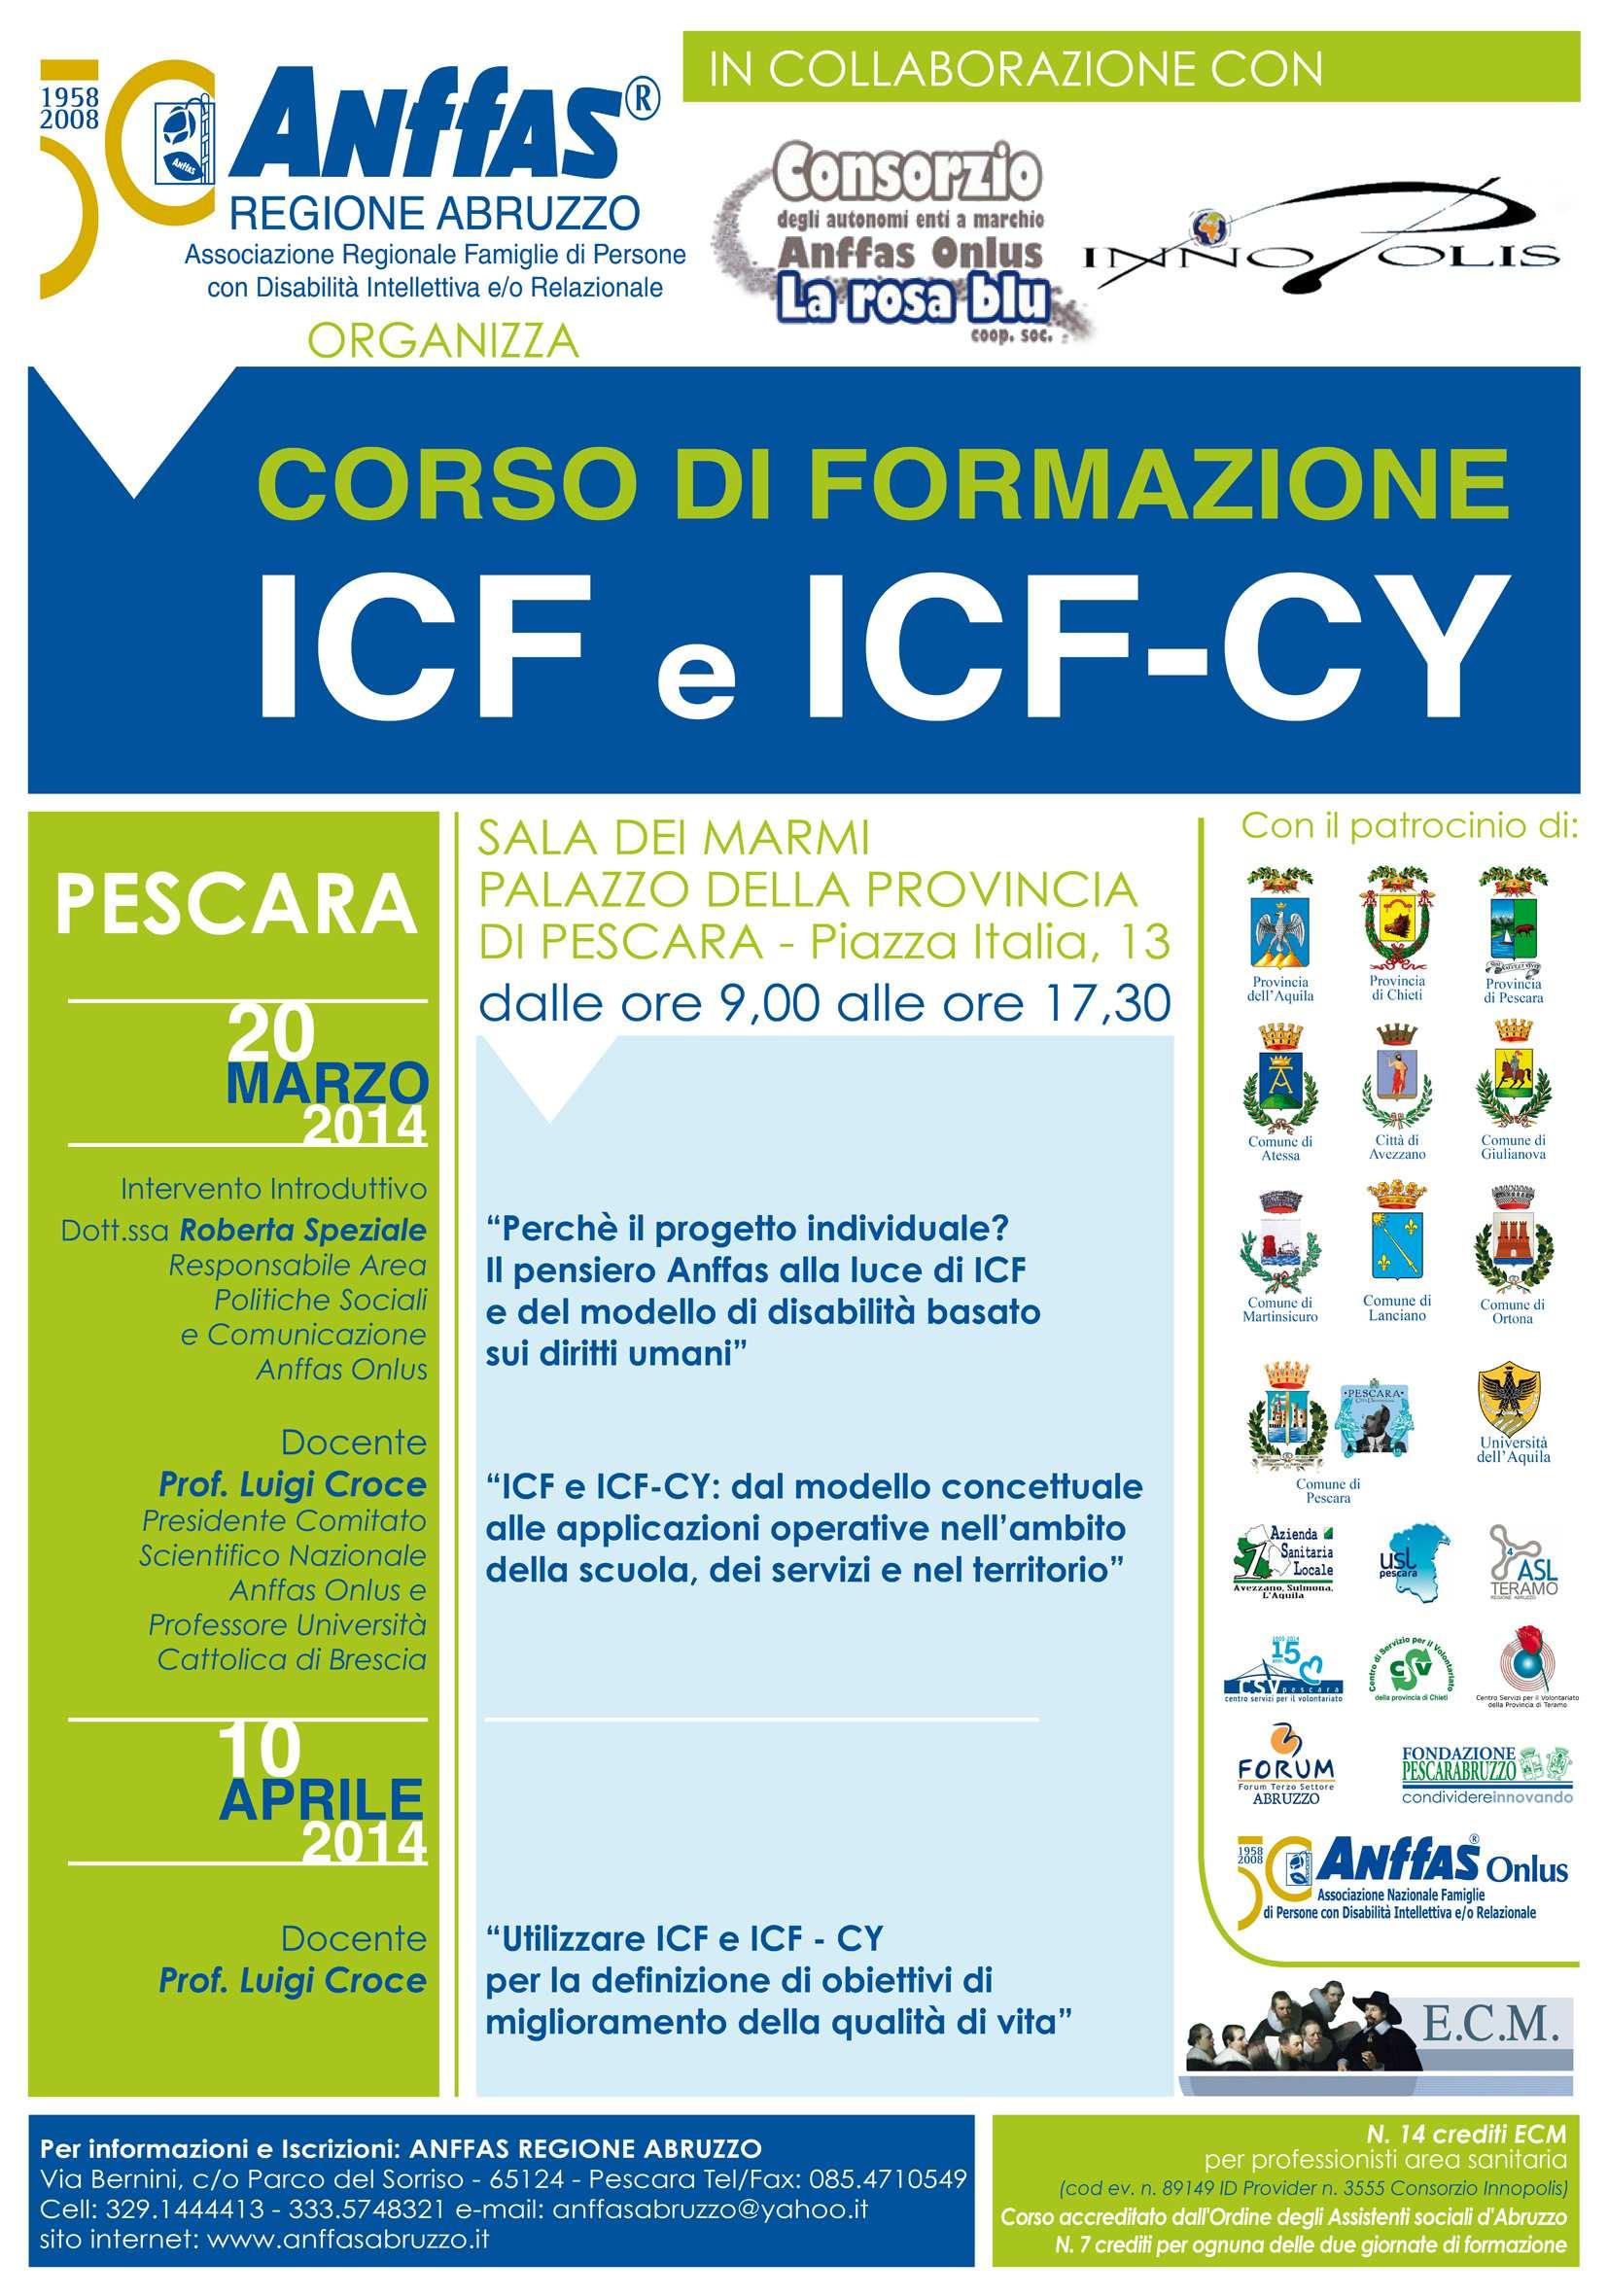 Corso di Formazione ICF e ICF-CY